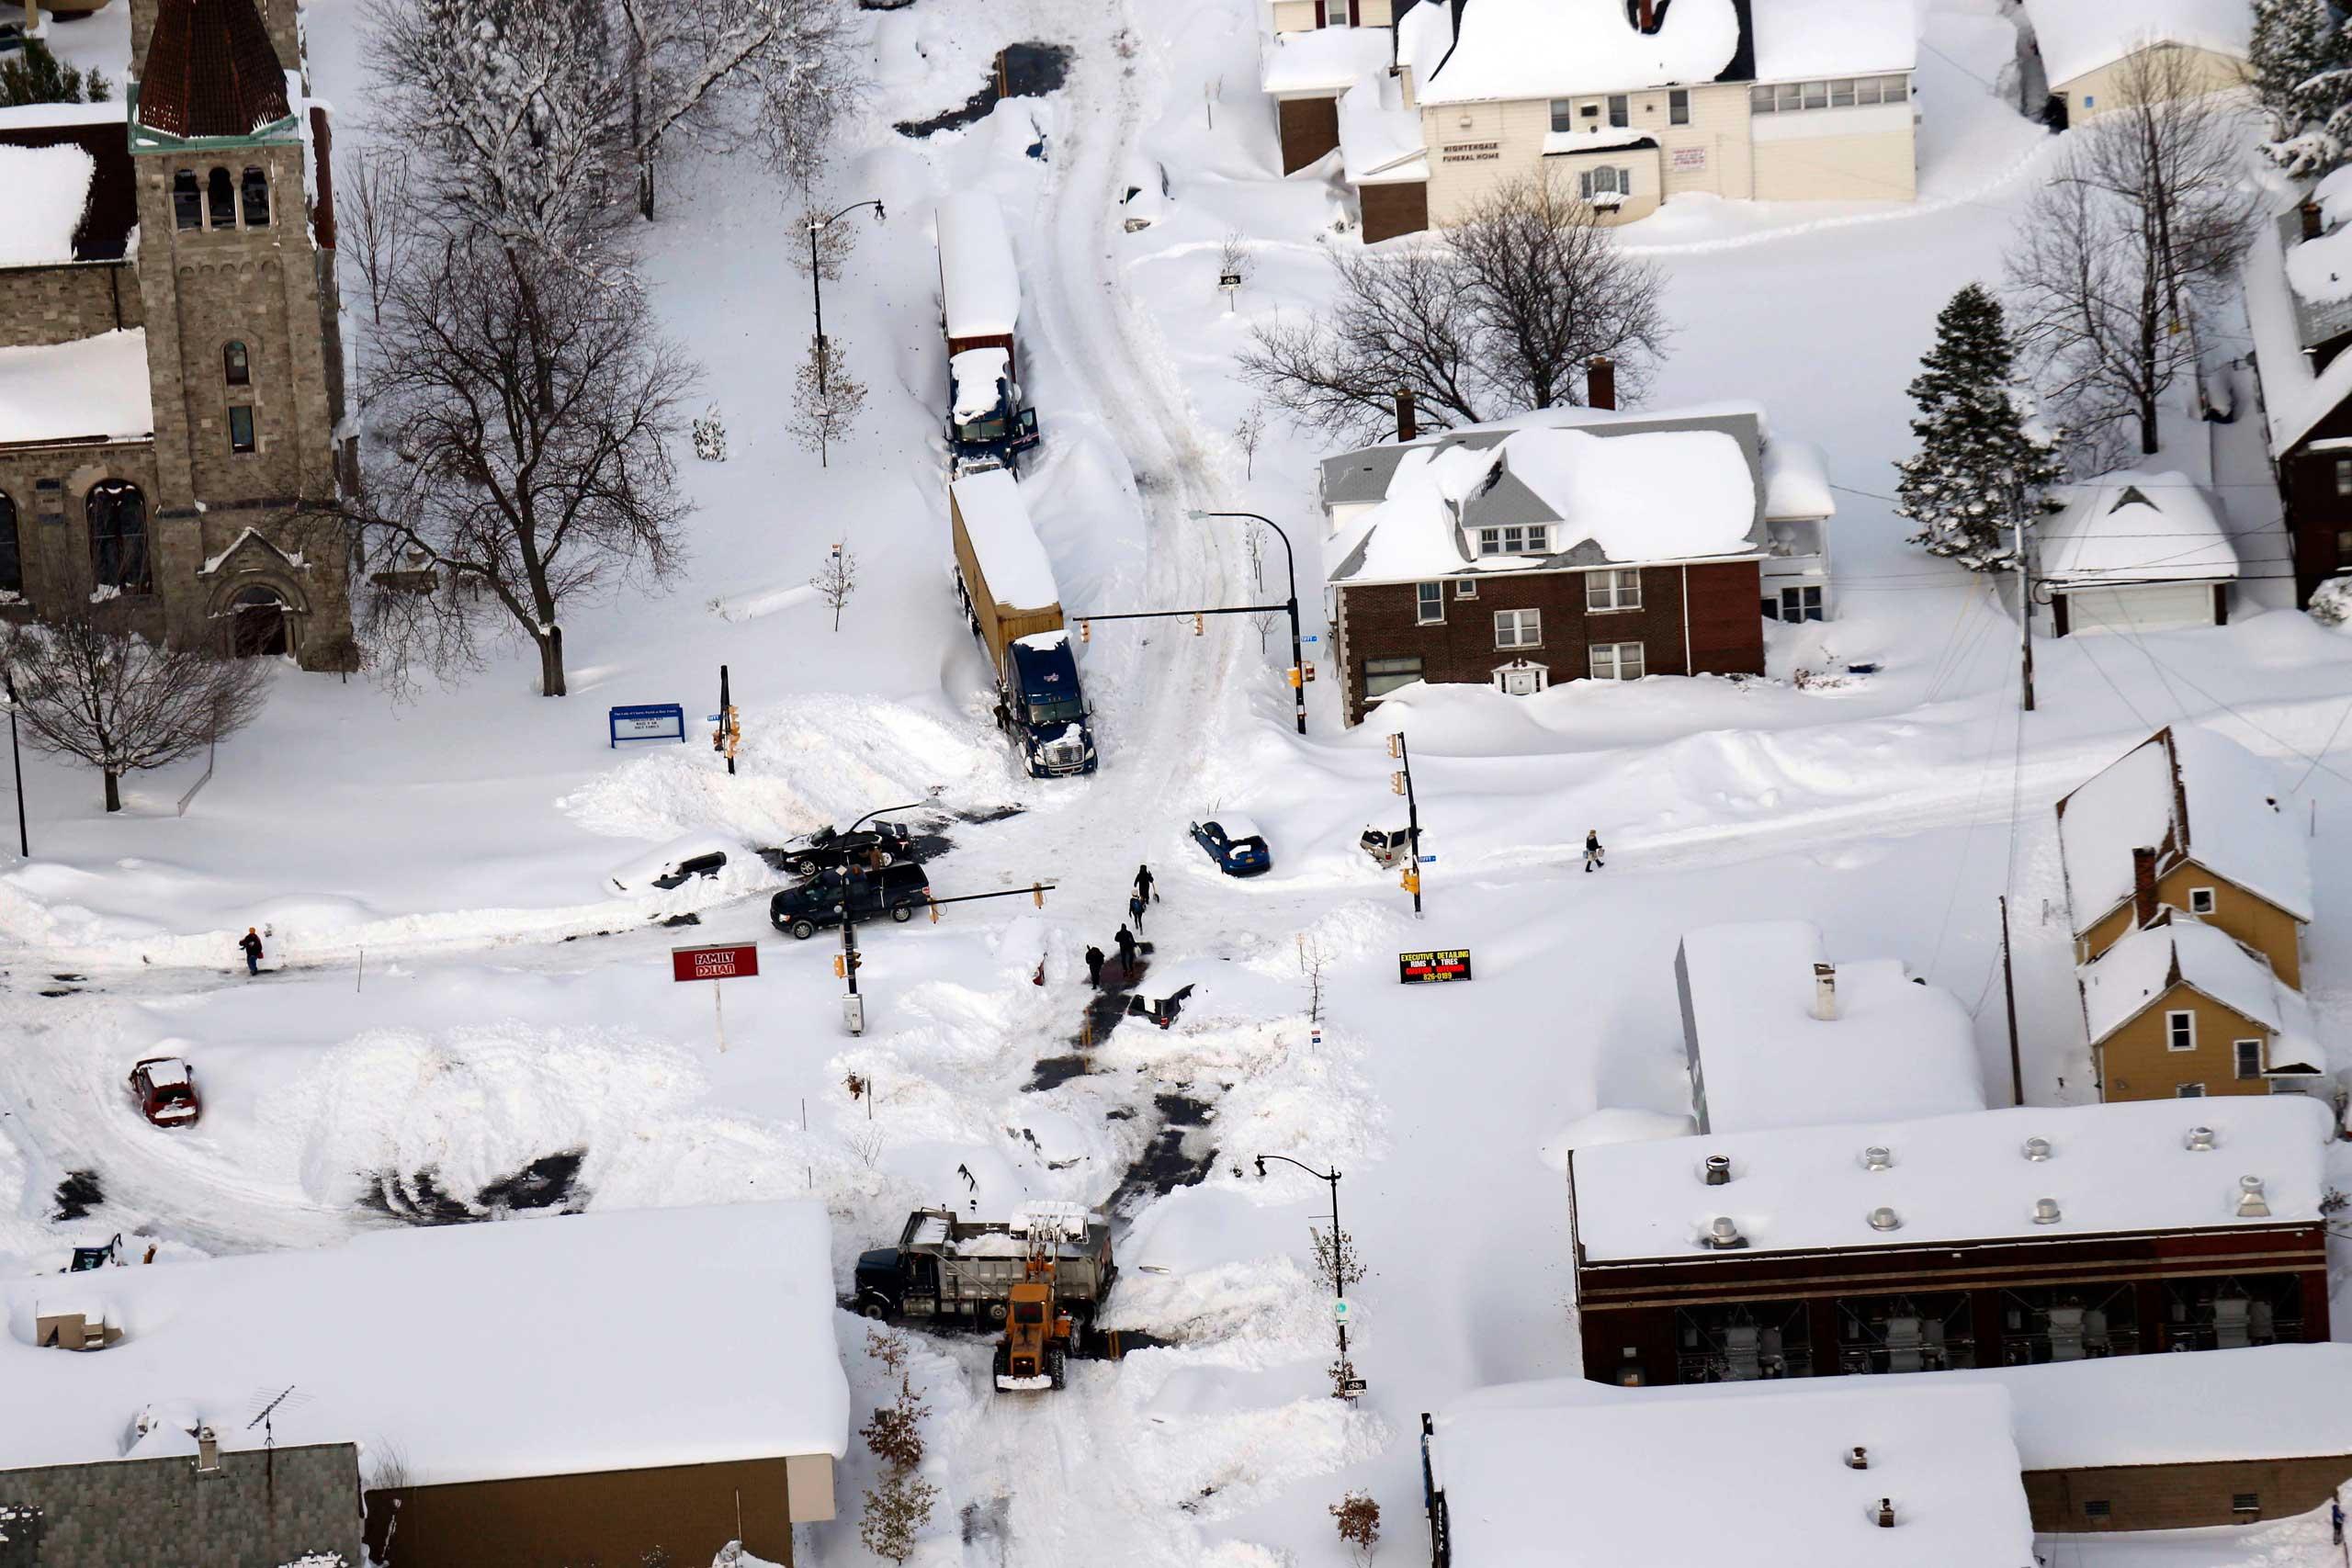 Cars make their way through South Buffalo, N.Y. on Nov. 19, 2014.